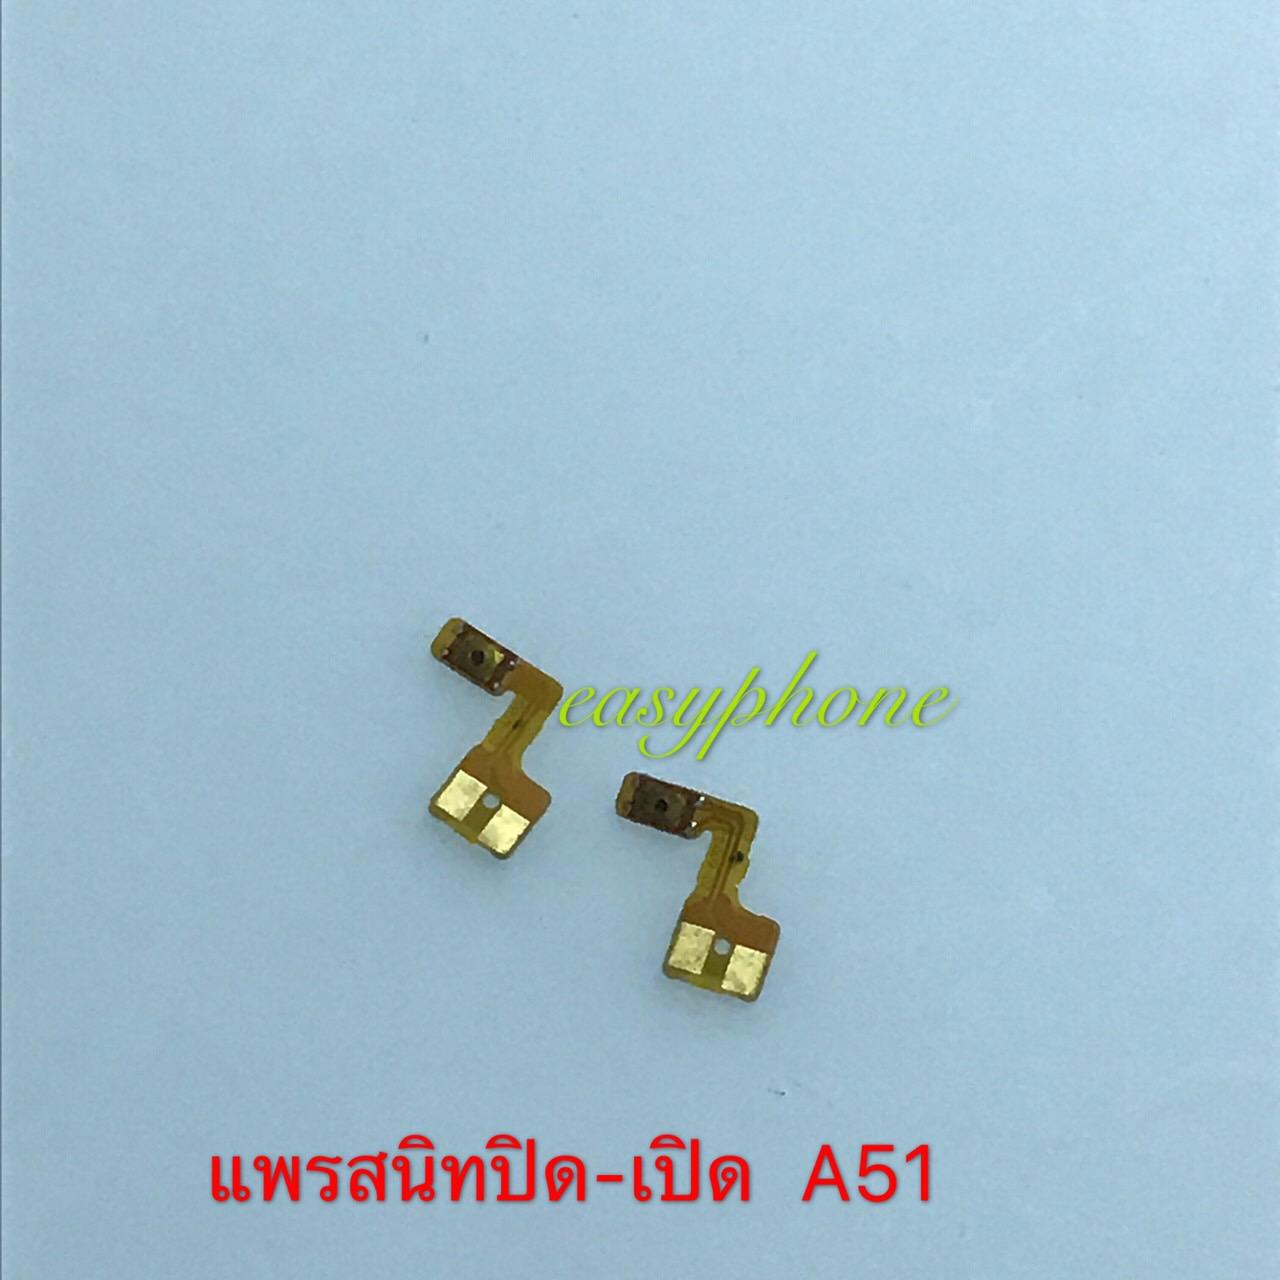 แพรสวิท เปิด-ปิด OPPO A51f / Mirror 5